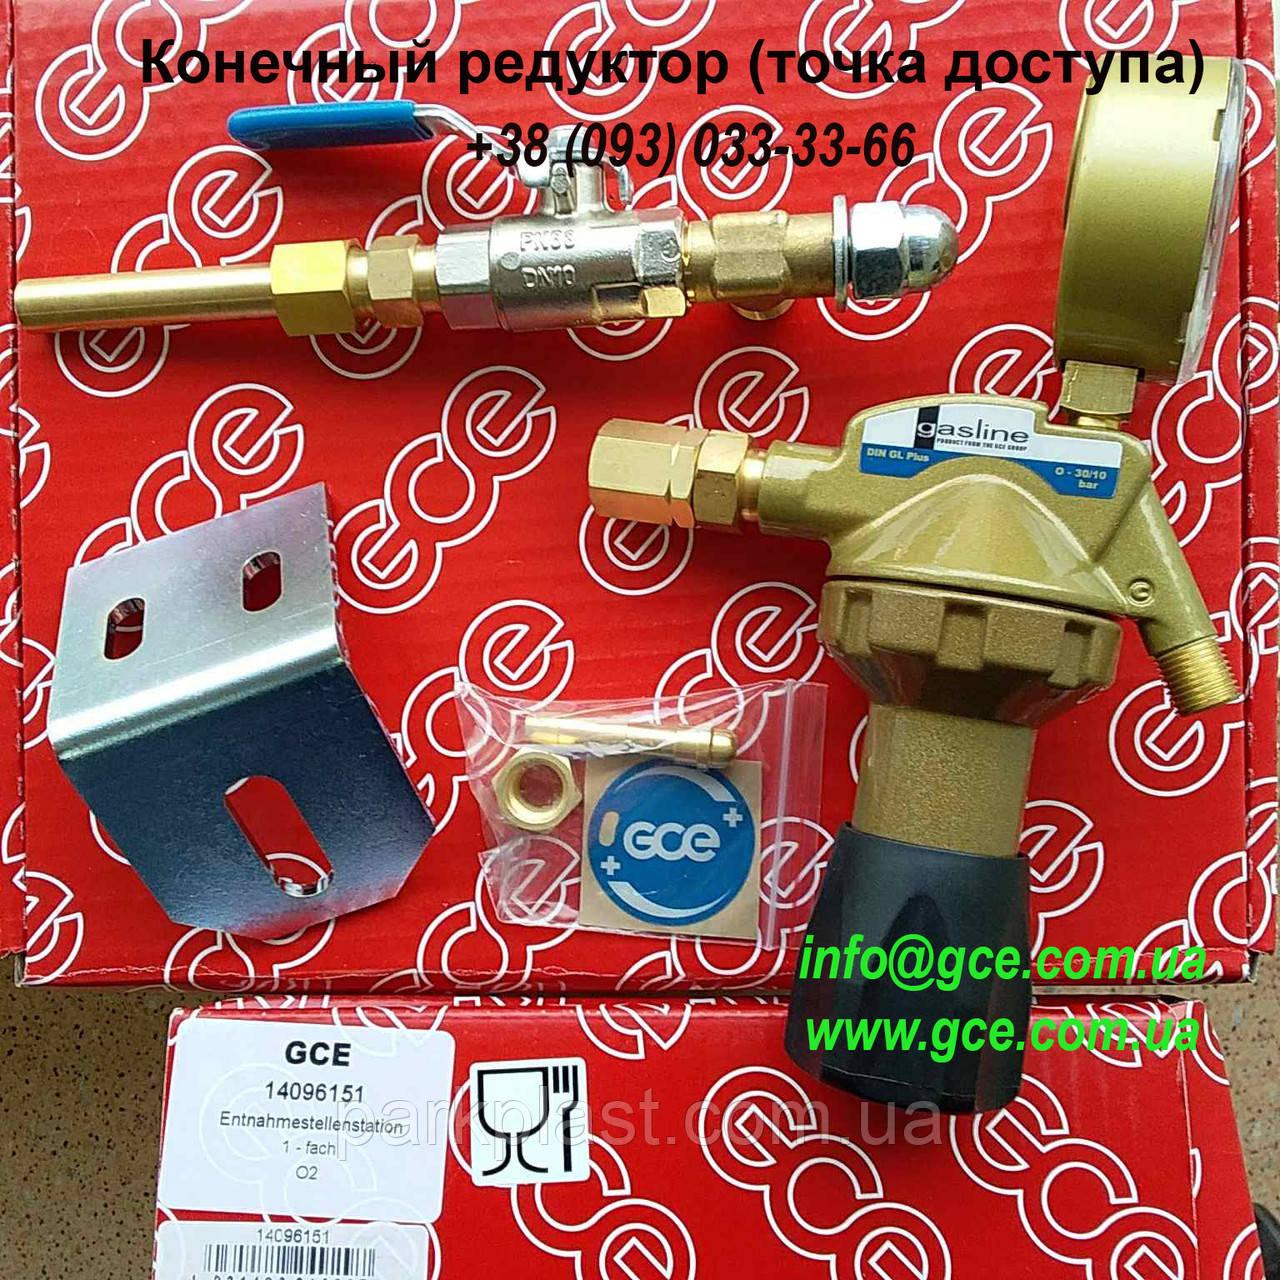 Конечный редуктор (точка доступа) кислородный, GCE DINSET, GCE Украина